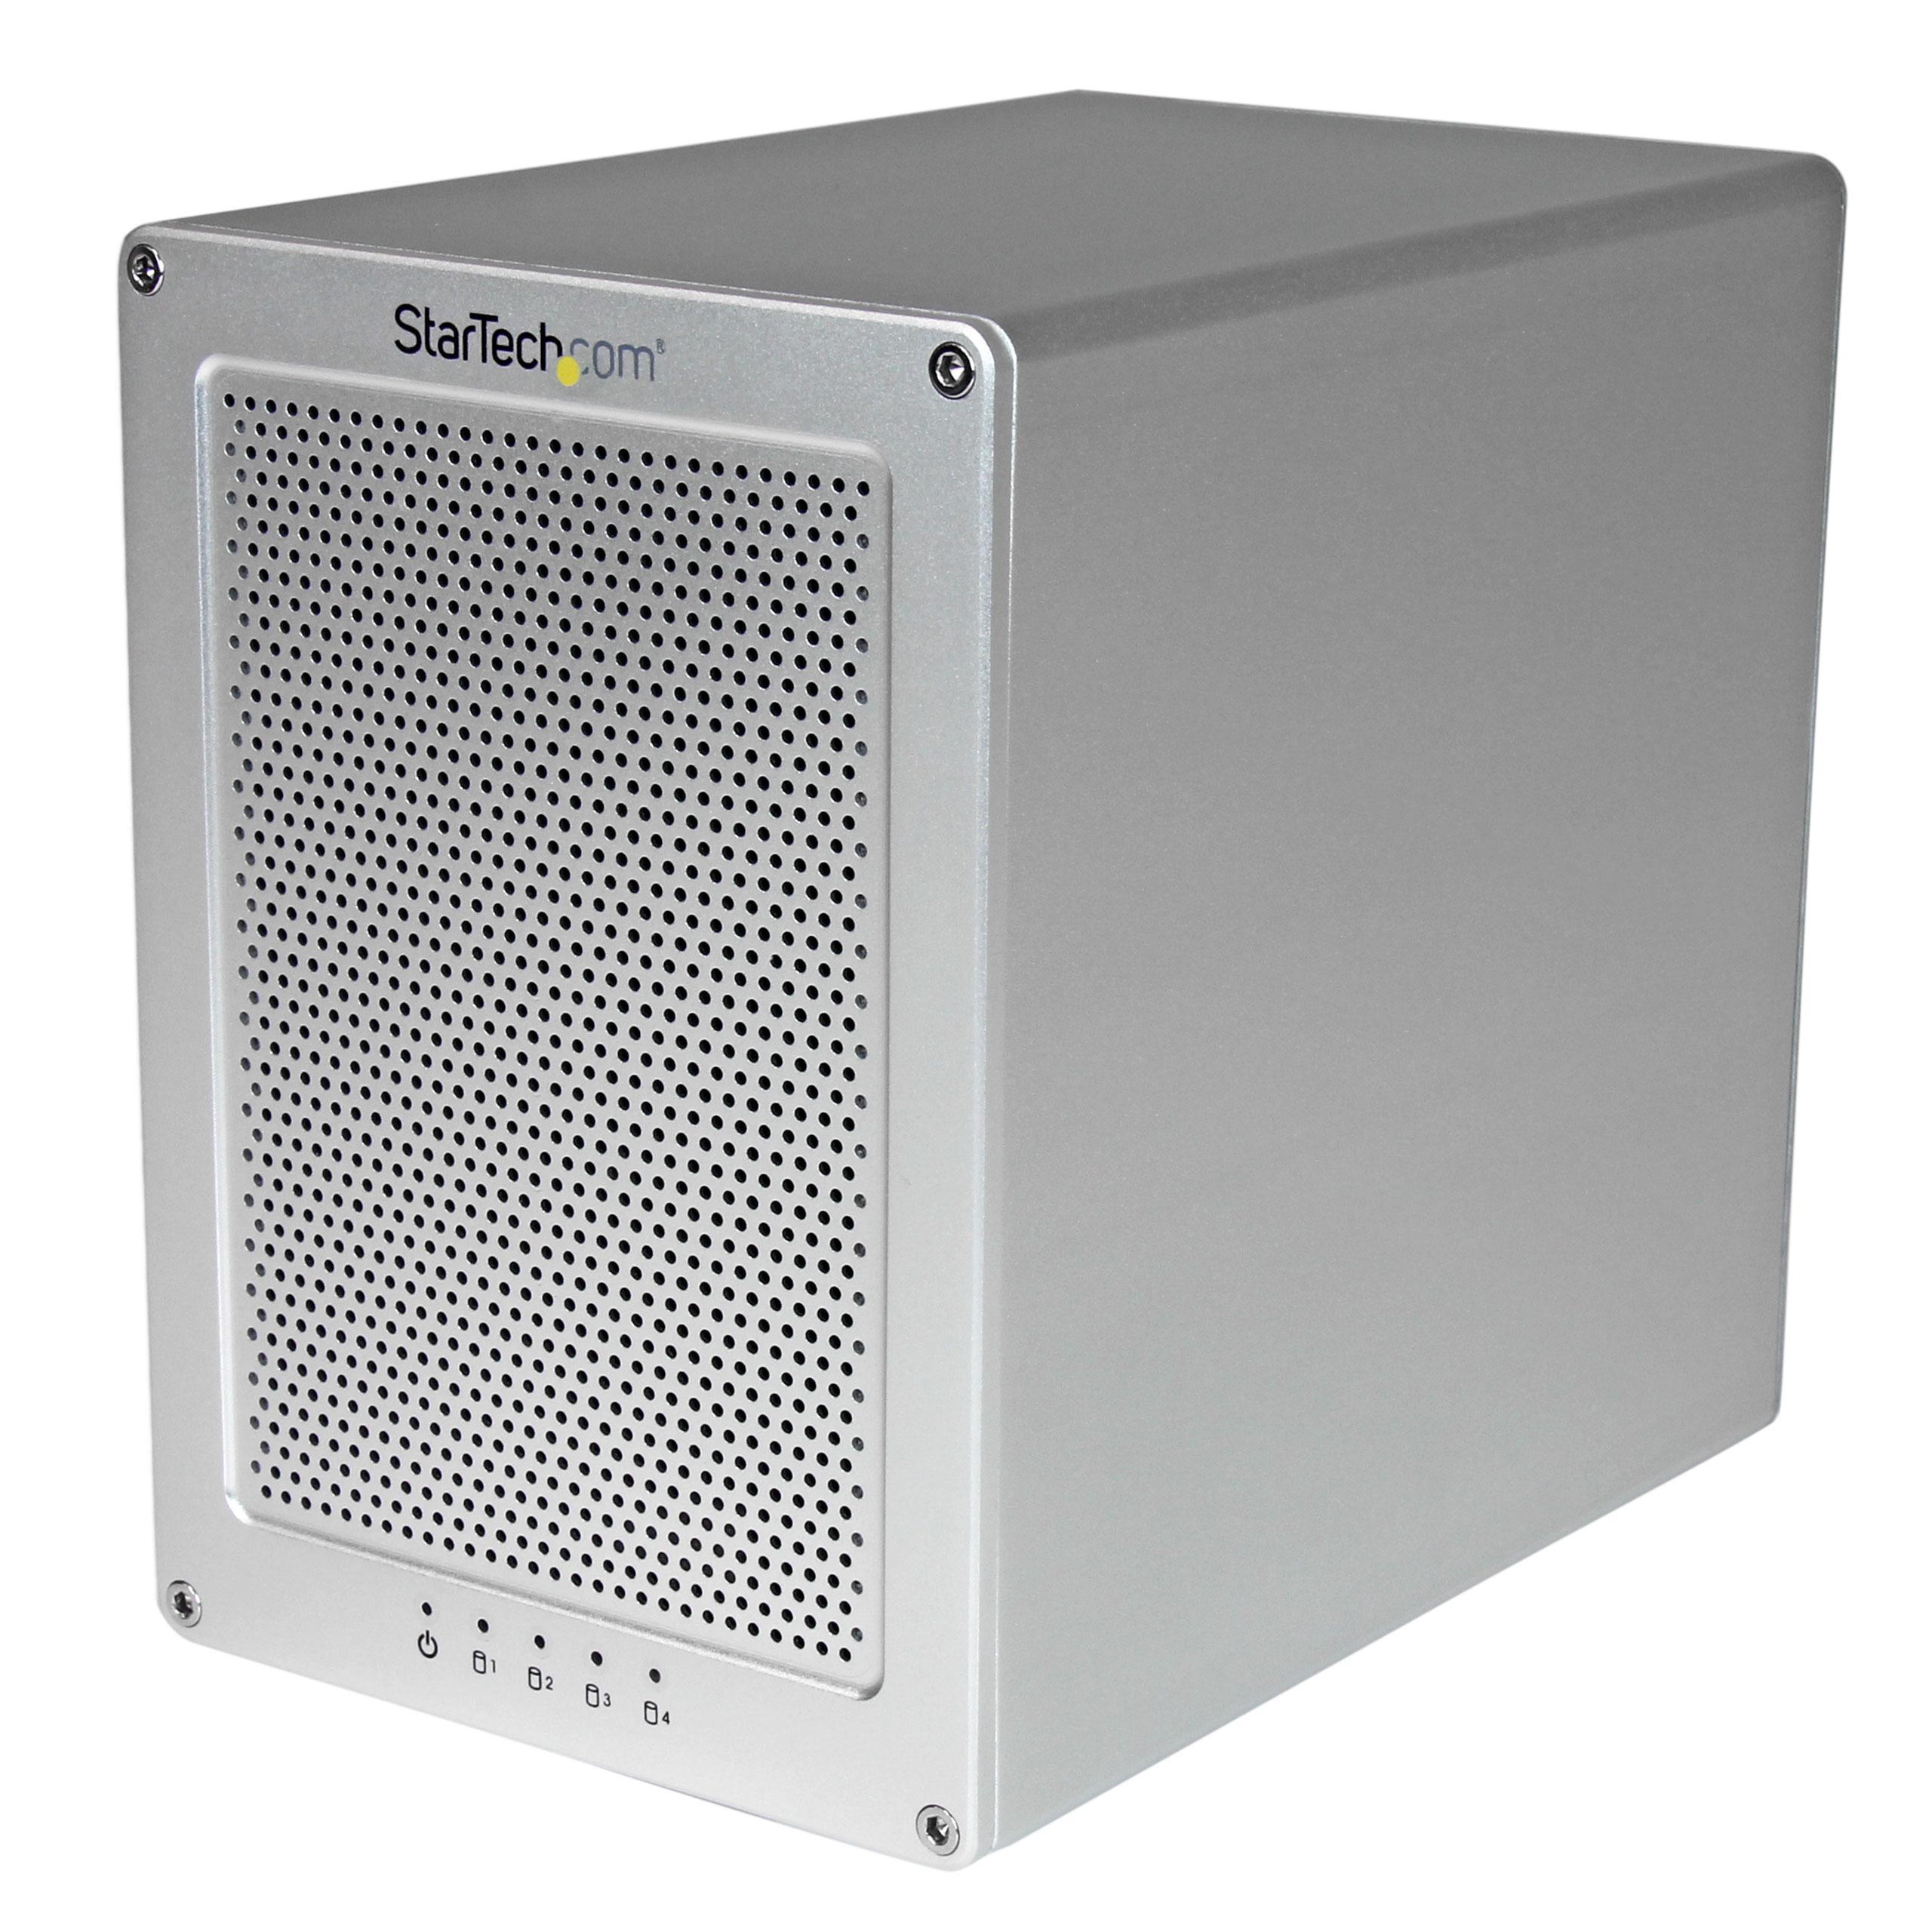 StarTech.com S354SMTB2R recinto de almacenaje - Disco duro ...